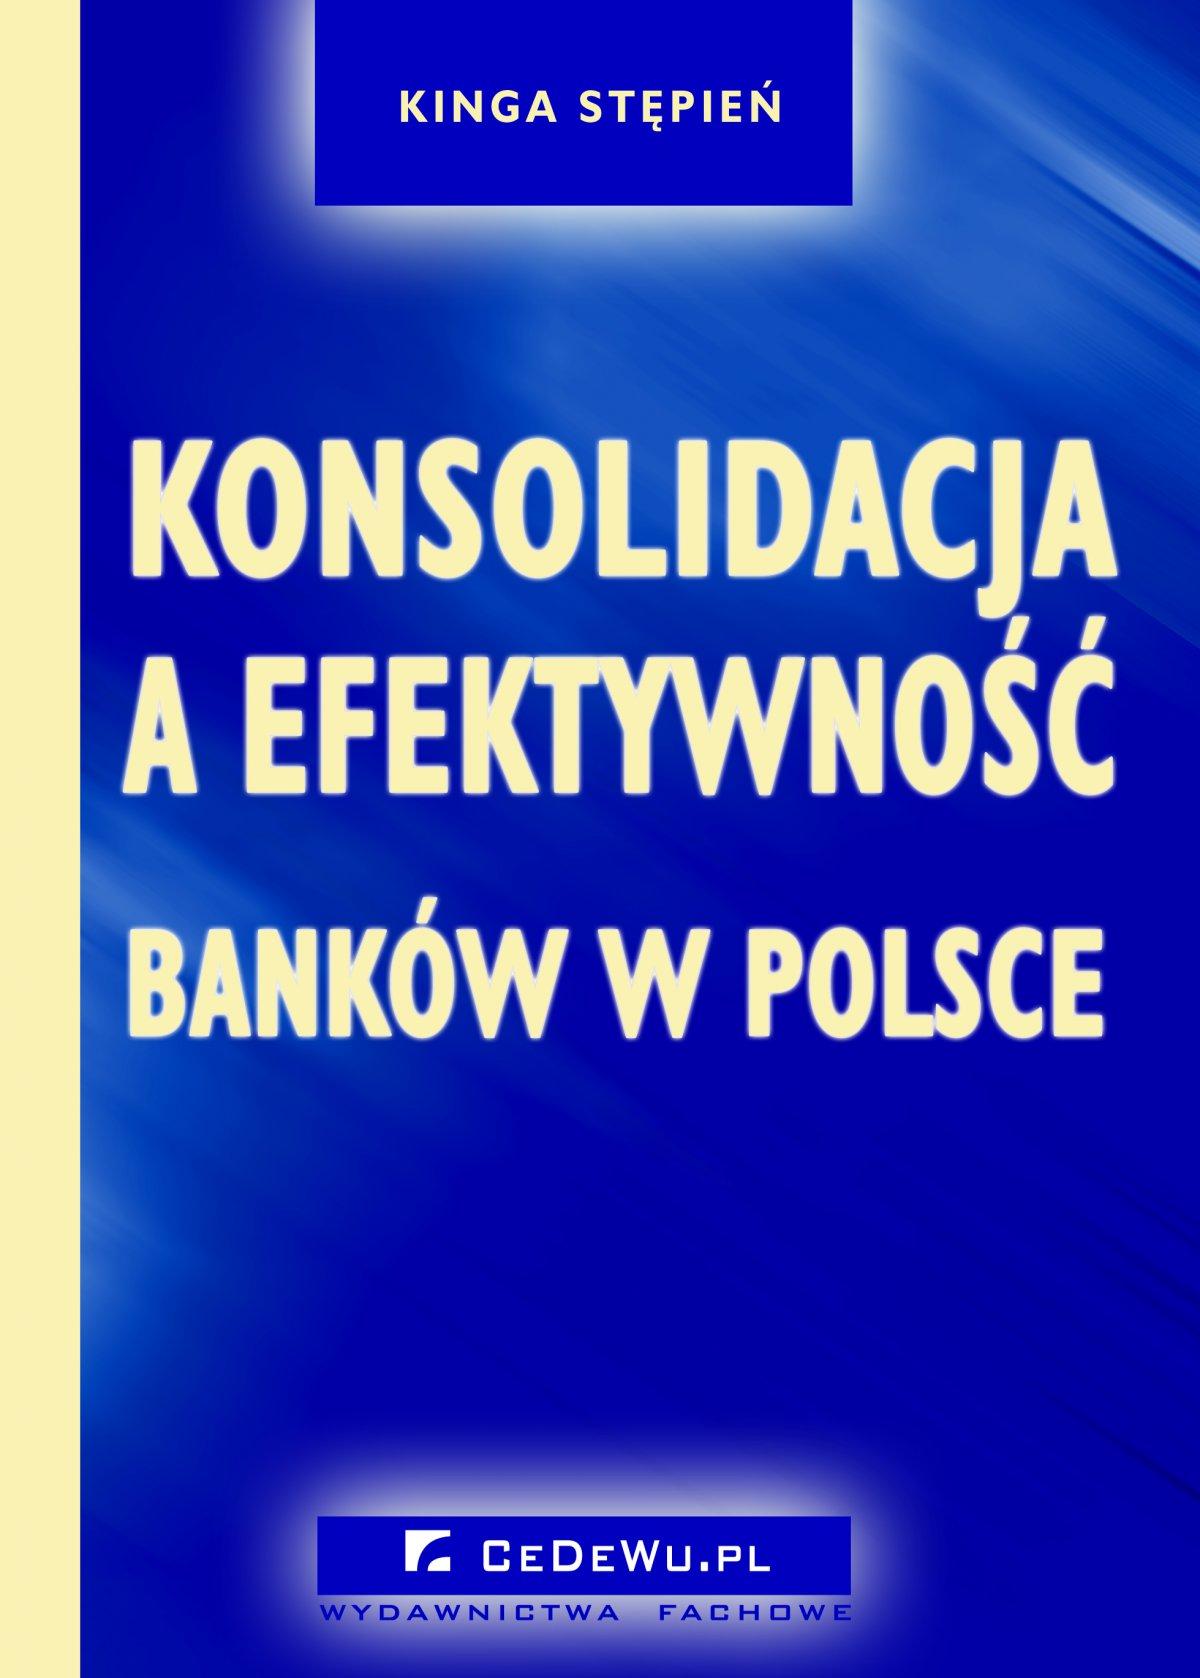 Konsolidacja a efektywność banków w Polsce. Rozdział 3. ZJAWISKO KONSOLIDACJI W SEKTORZE BANKOWYM - Ebook (Książka PDF) do pobrania w formacie PDF